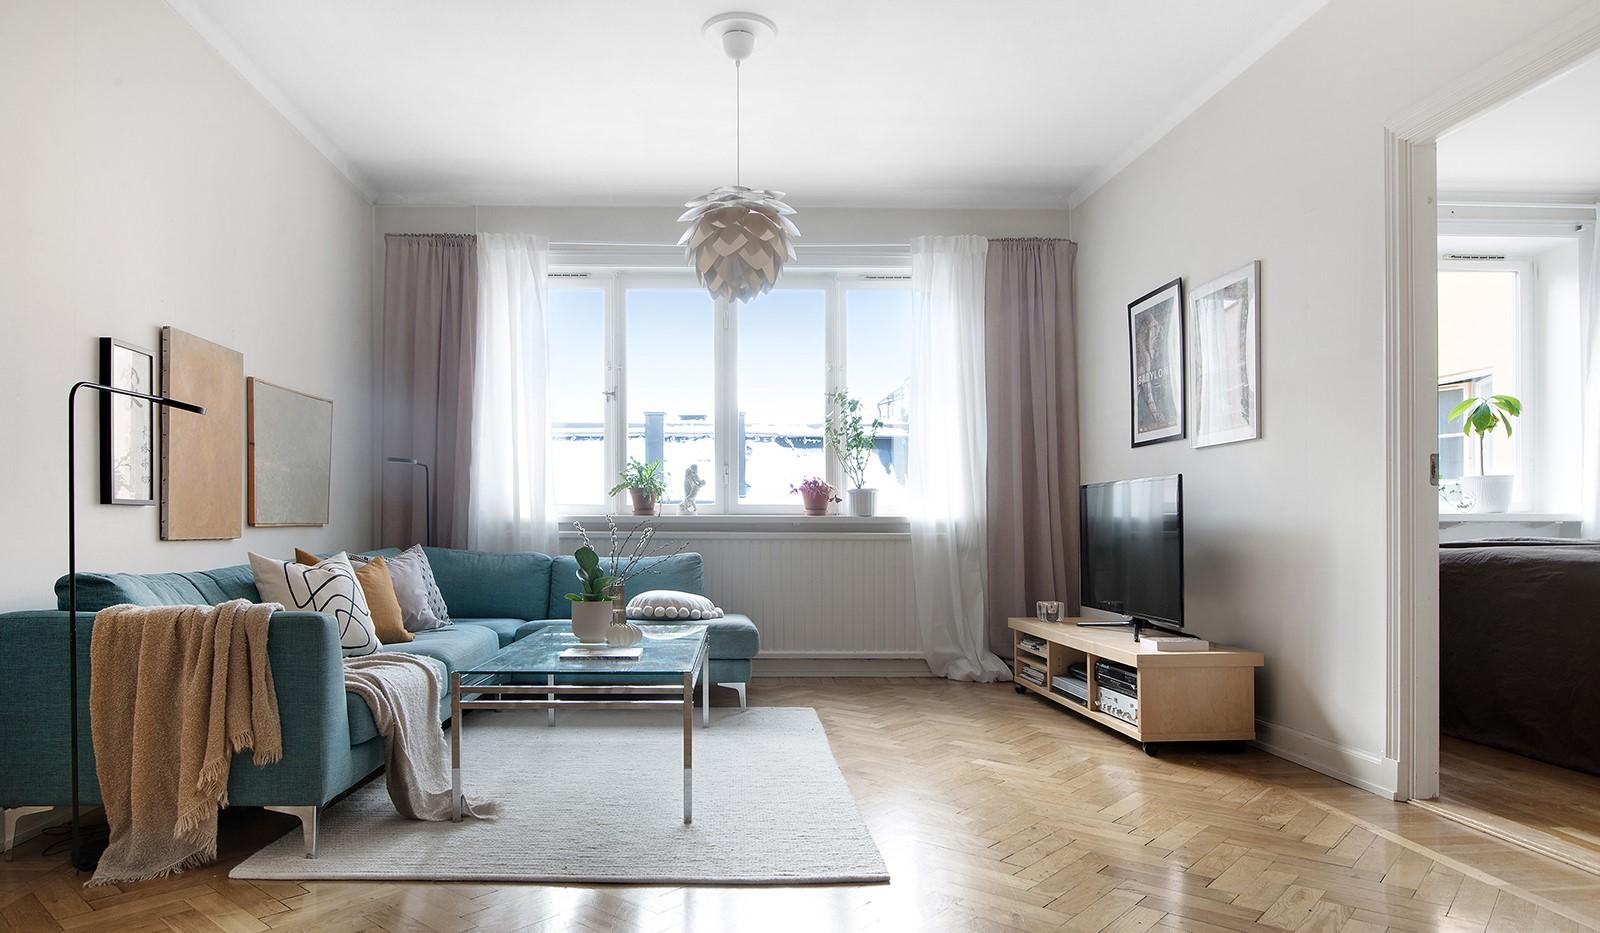 Östgötagatan 32, 4tr - Välkommen till Östgötagatan 32.